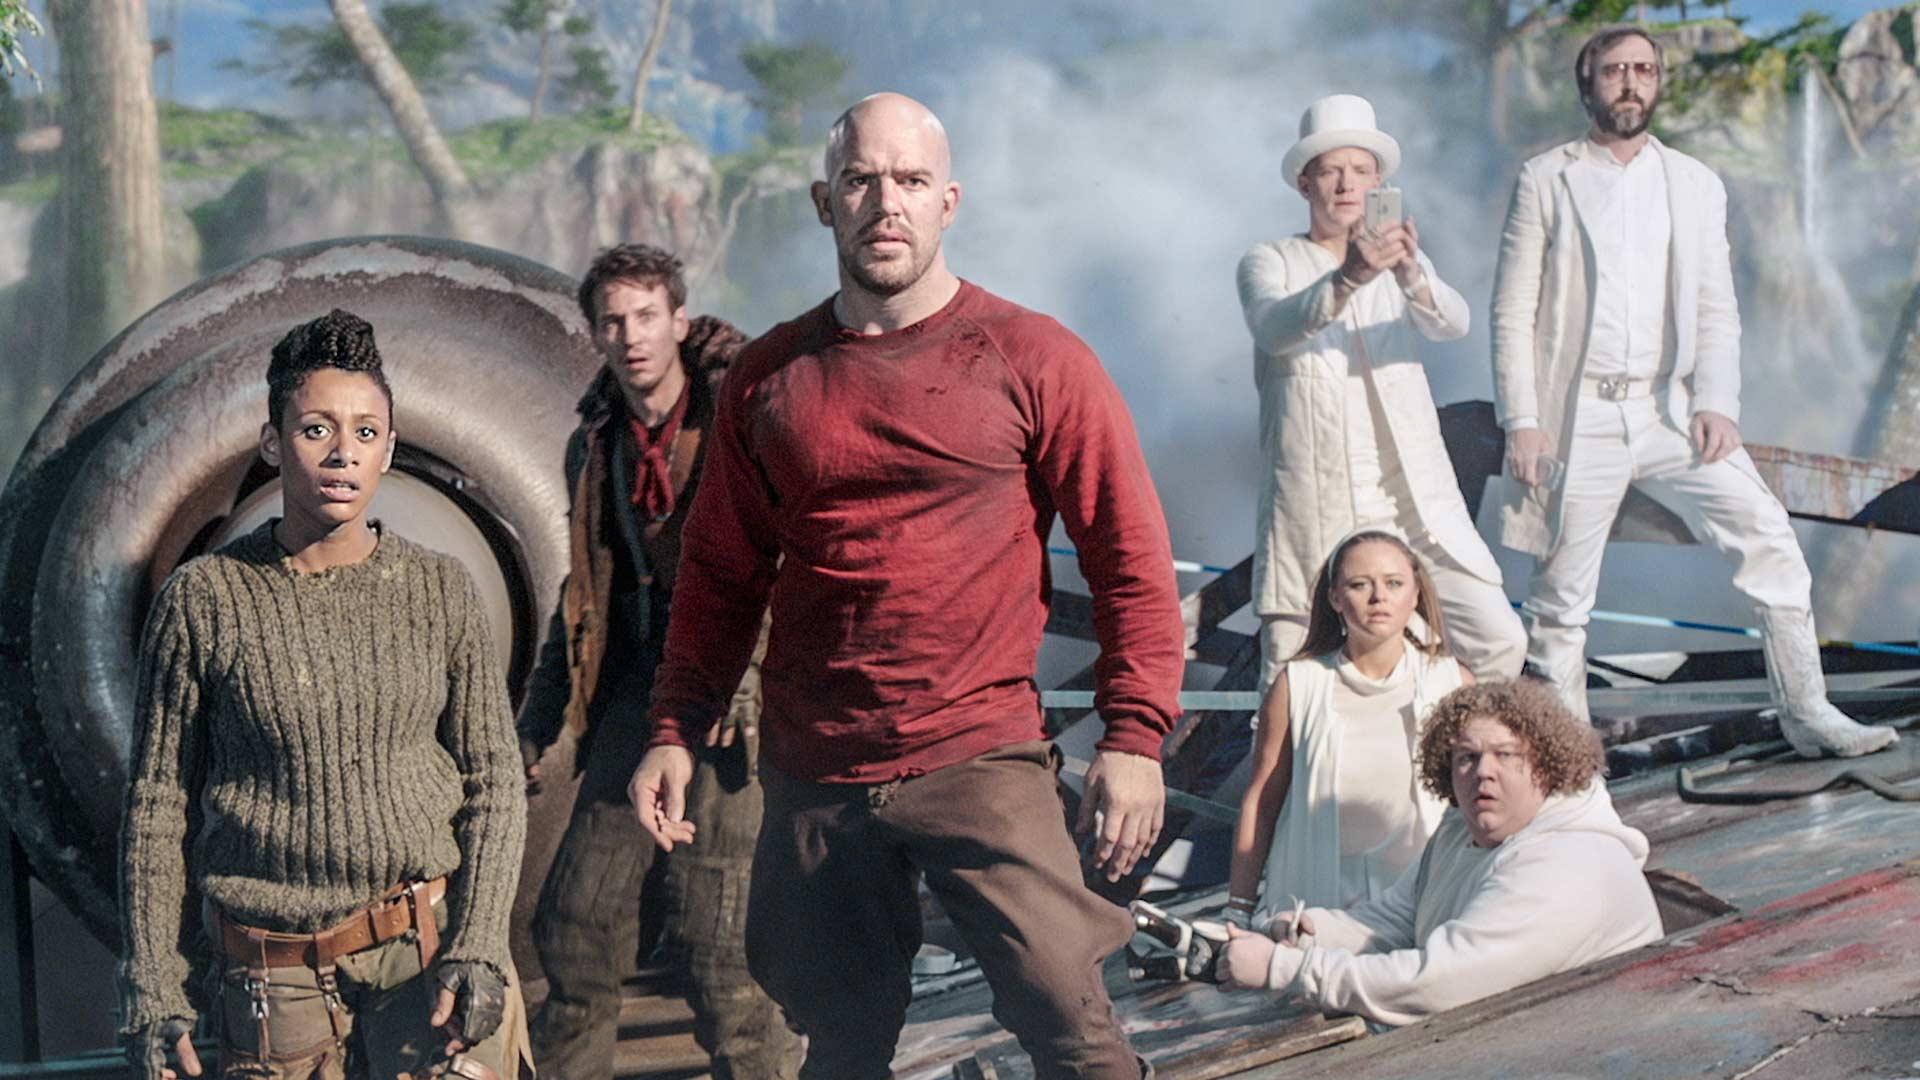 Iron Sky The Coming Race, kuvassa Obianaju 'Obi' Washington (Lara Rossi), Sasha (Vladimir Burlakov, vas.) ja Malcom (Kit Dale).